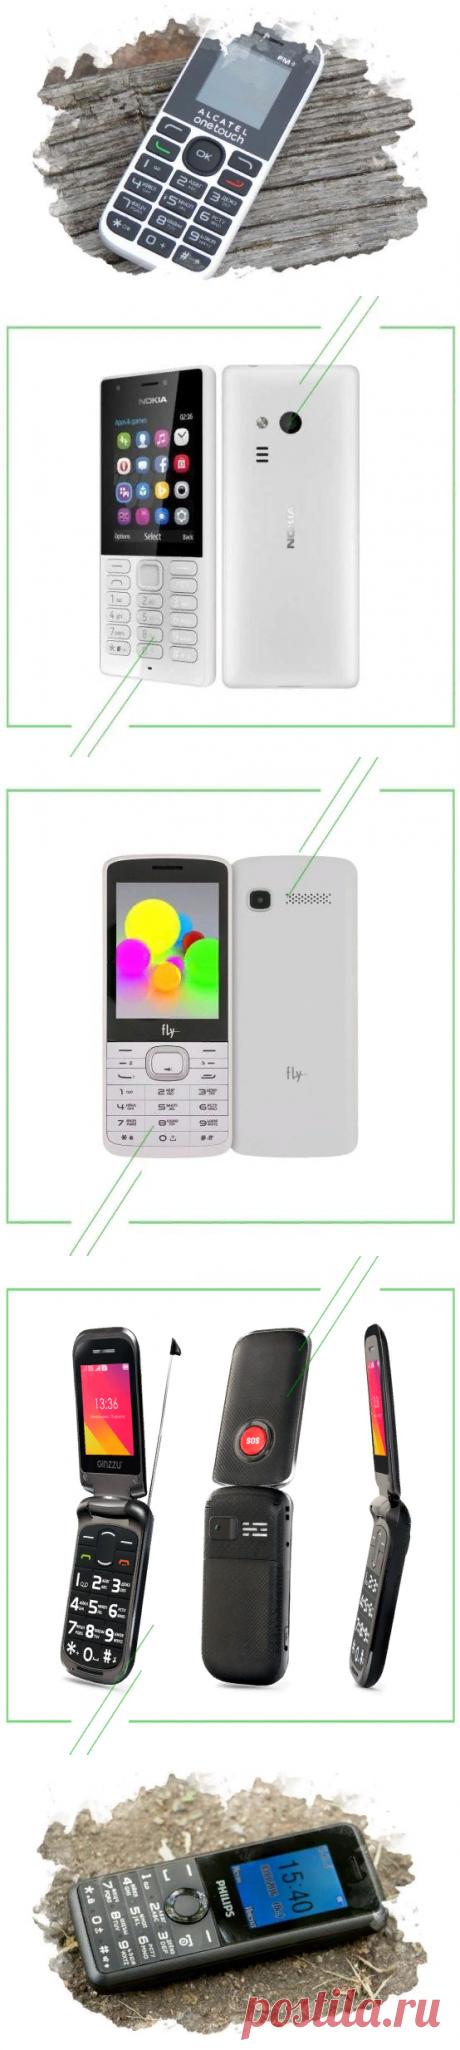 ТОП-7 лучших кнопочных телефонов: отзывы, цена